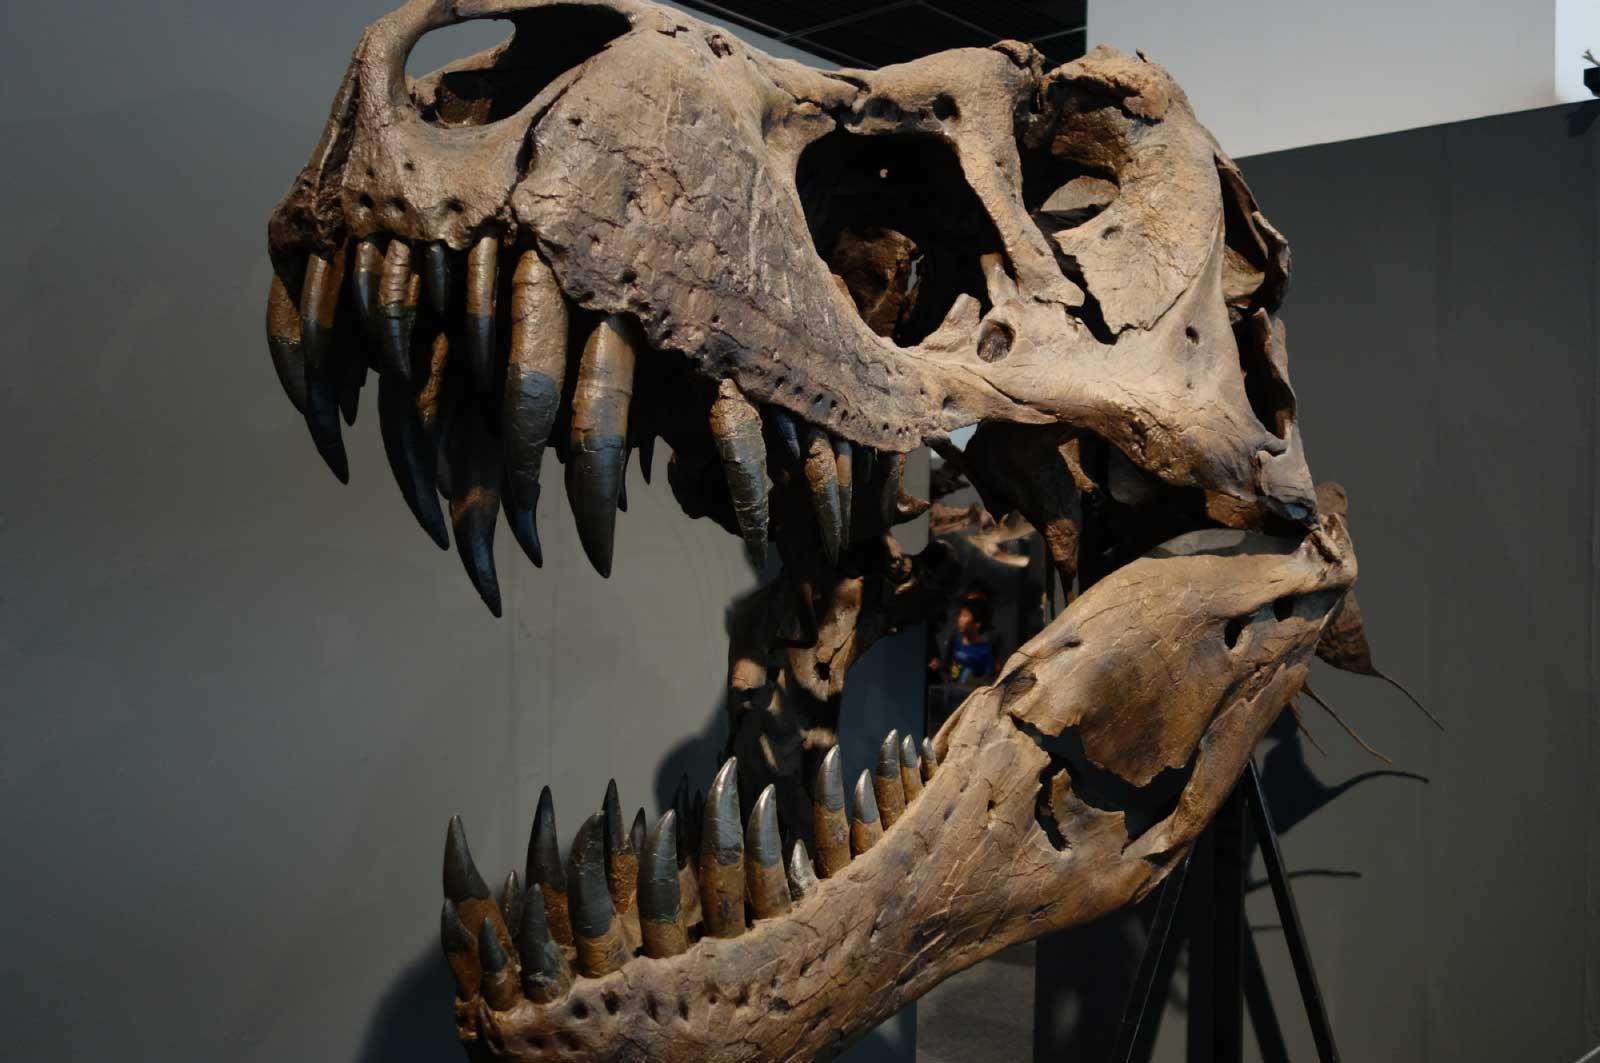 ティラノサウルスの化石(福井県立恐竜博物館)